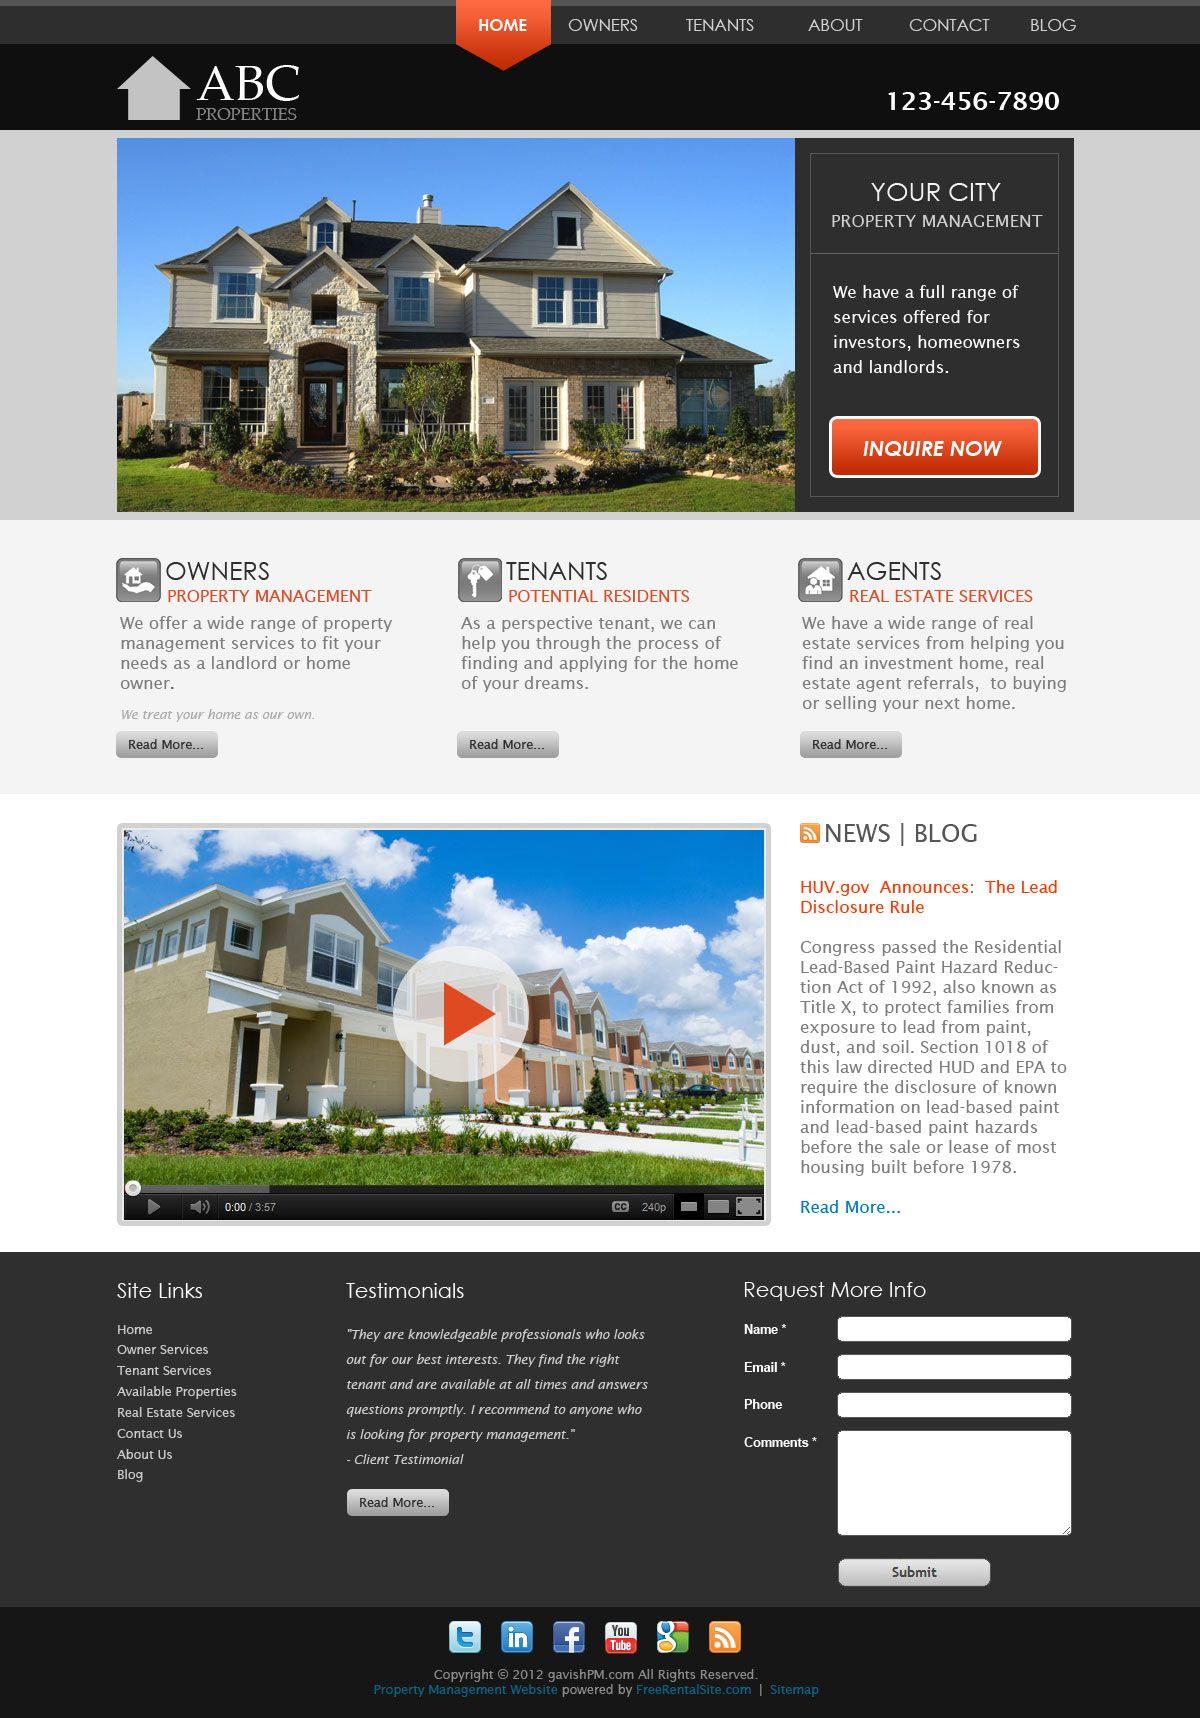 The Loft - Standard - Property Manager Websites Smart Site Design ...